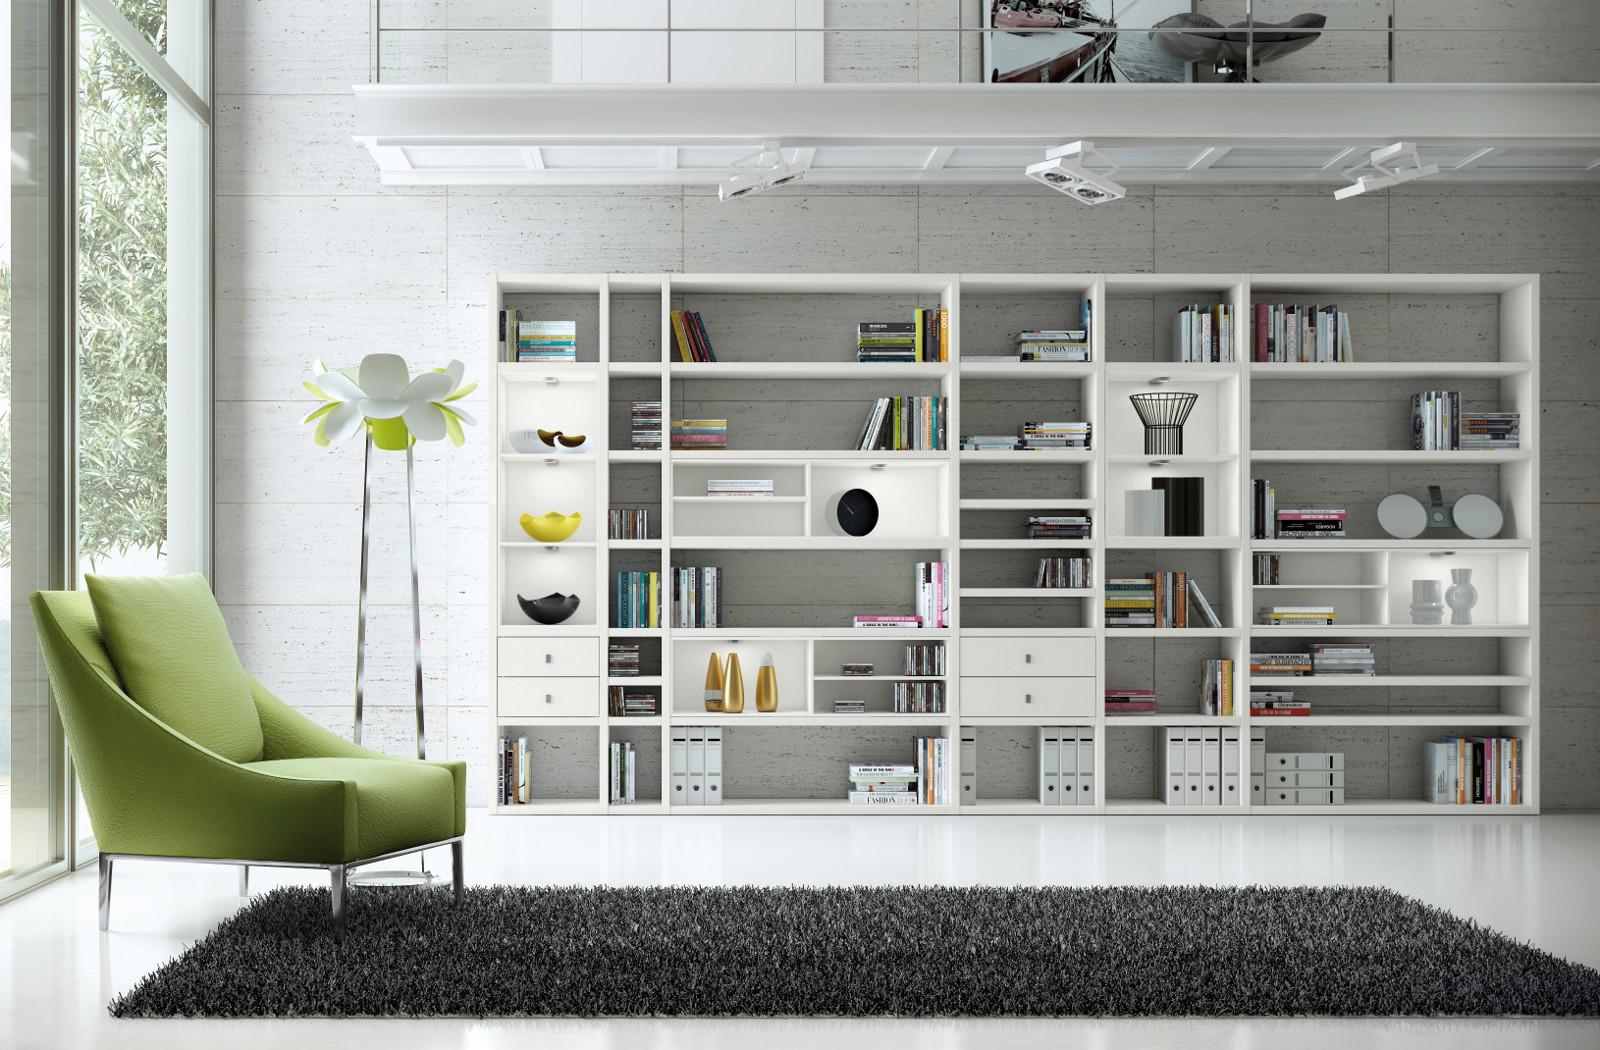 wohnwand b cherwand bibliothek lack wei hochglanz. Black Bedroom Furniture Sets. Home Design Ideas